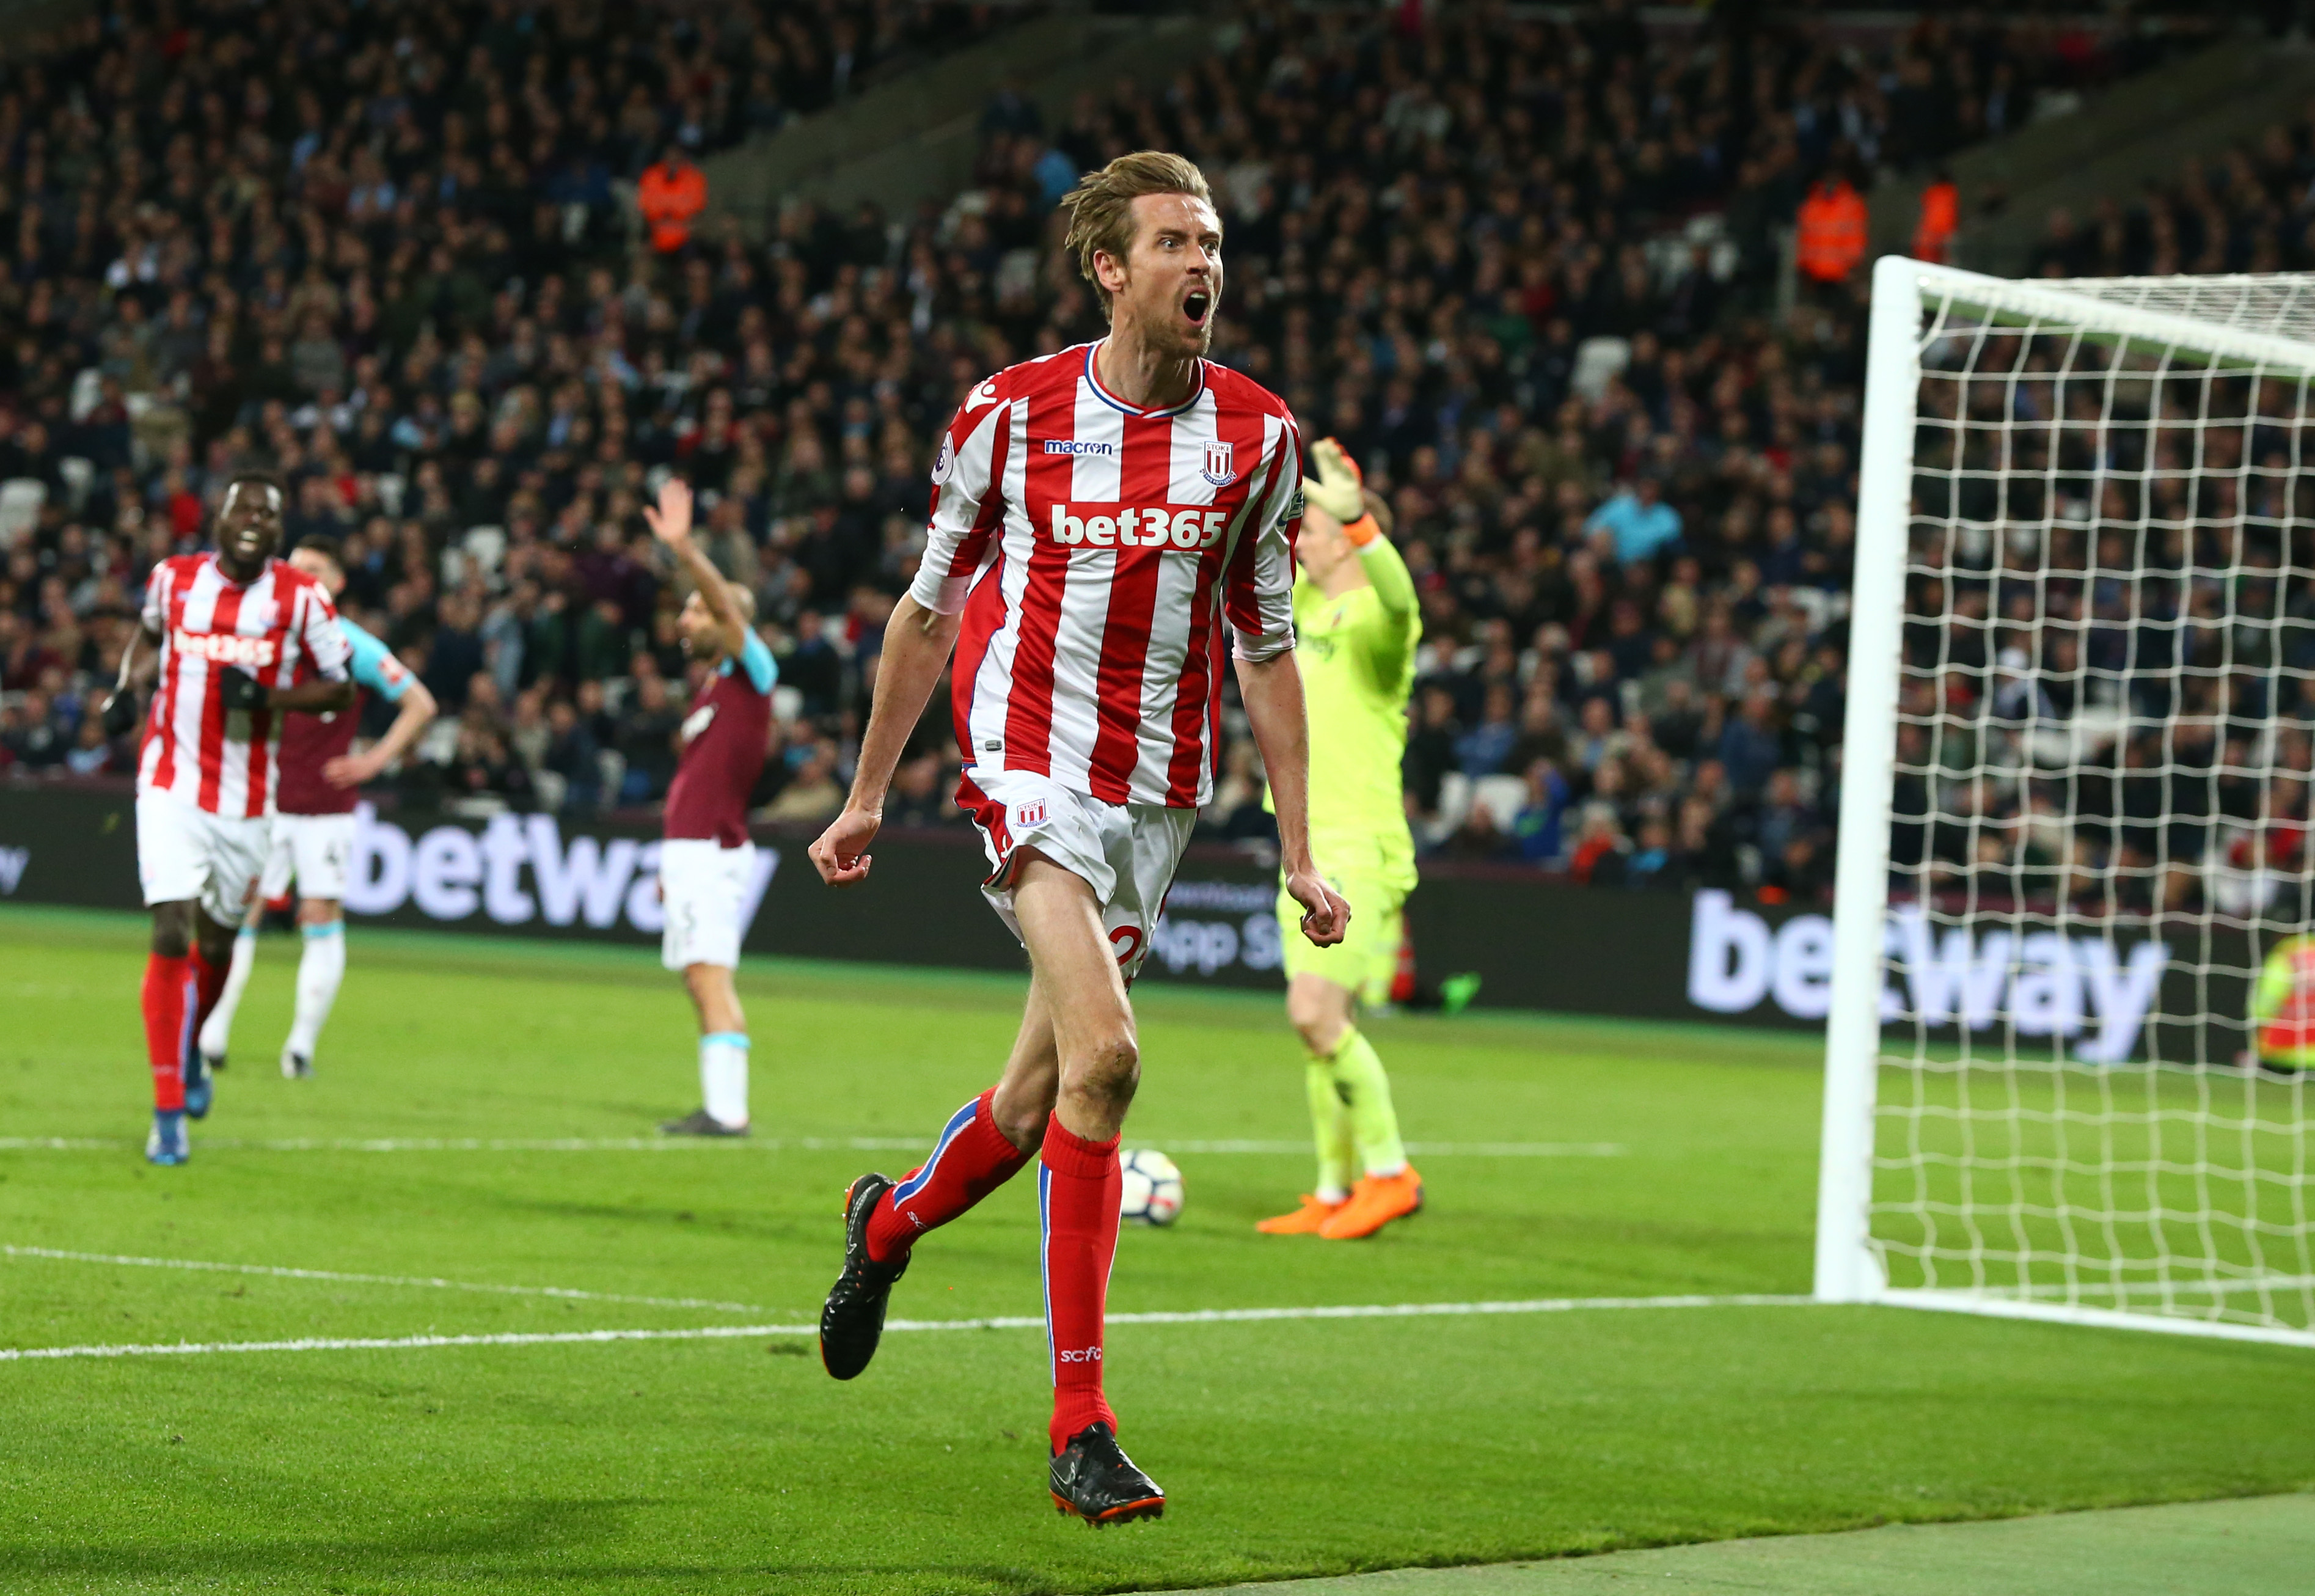 Crouch only scored five Premier League goals last season. Image: PA Images